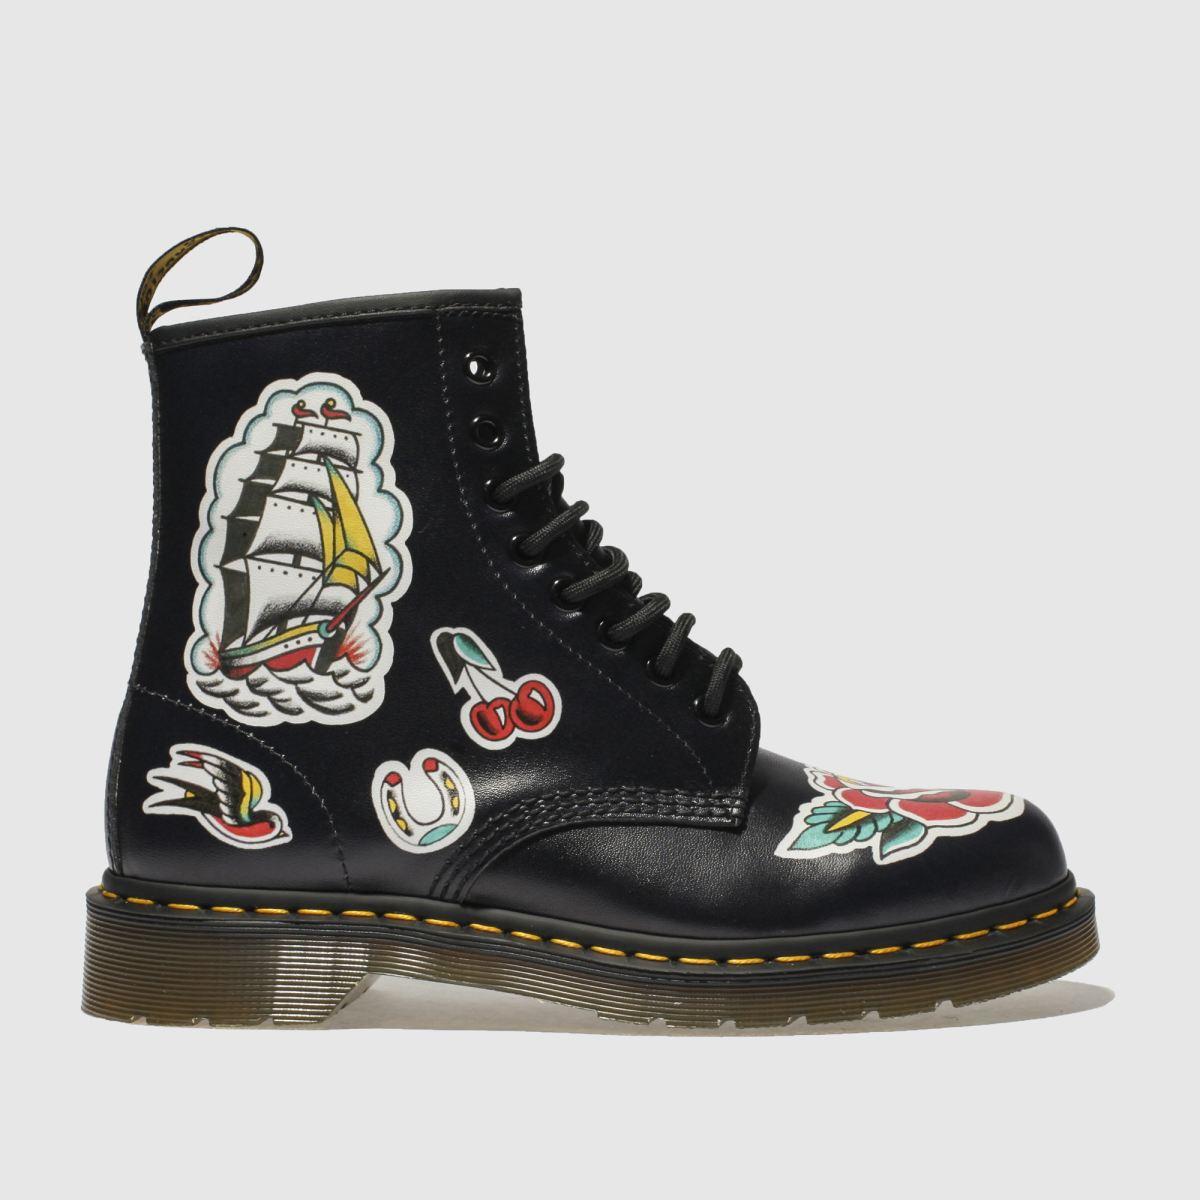 Dr Martens Black & Red 1460 Chris Lambert 8 Eye Boots